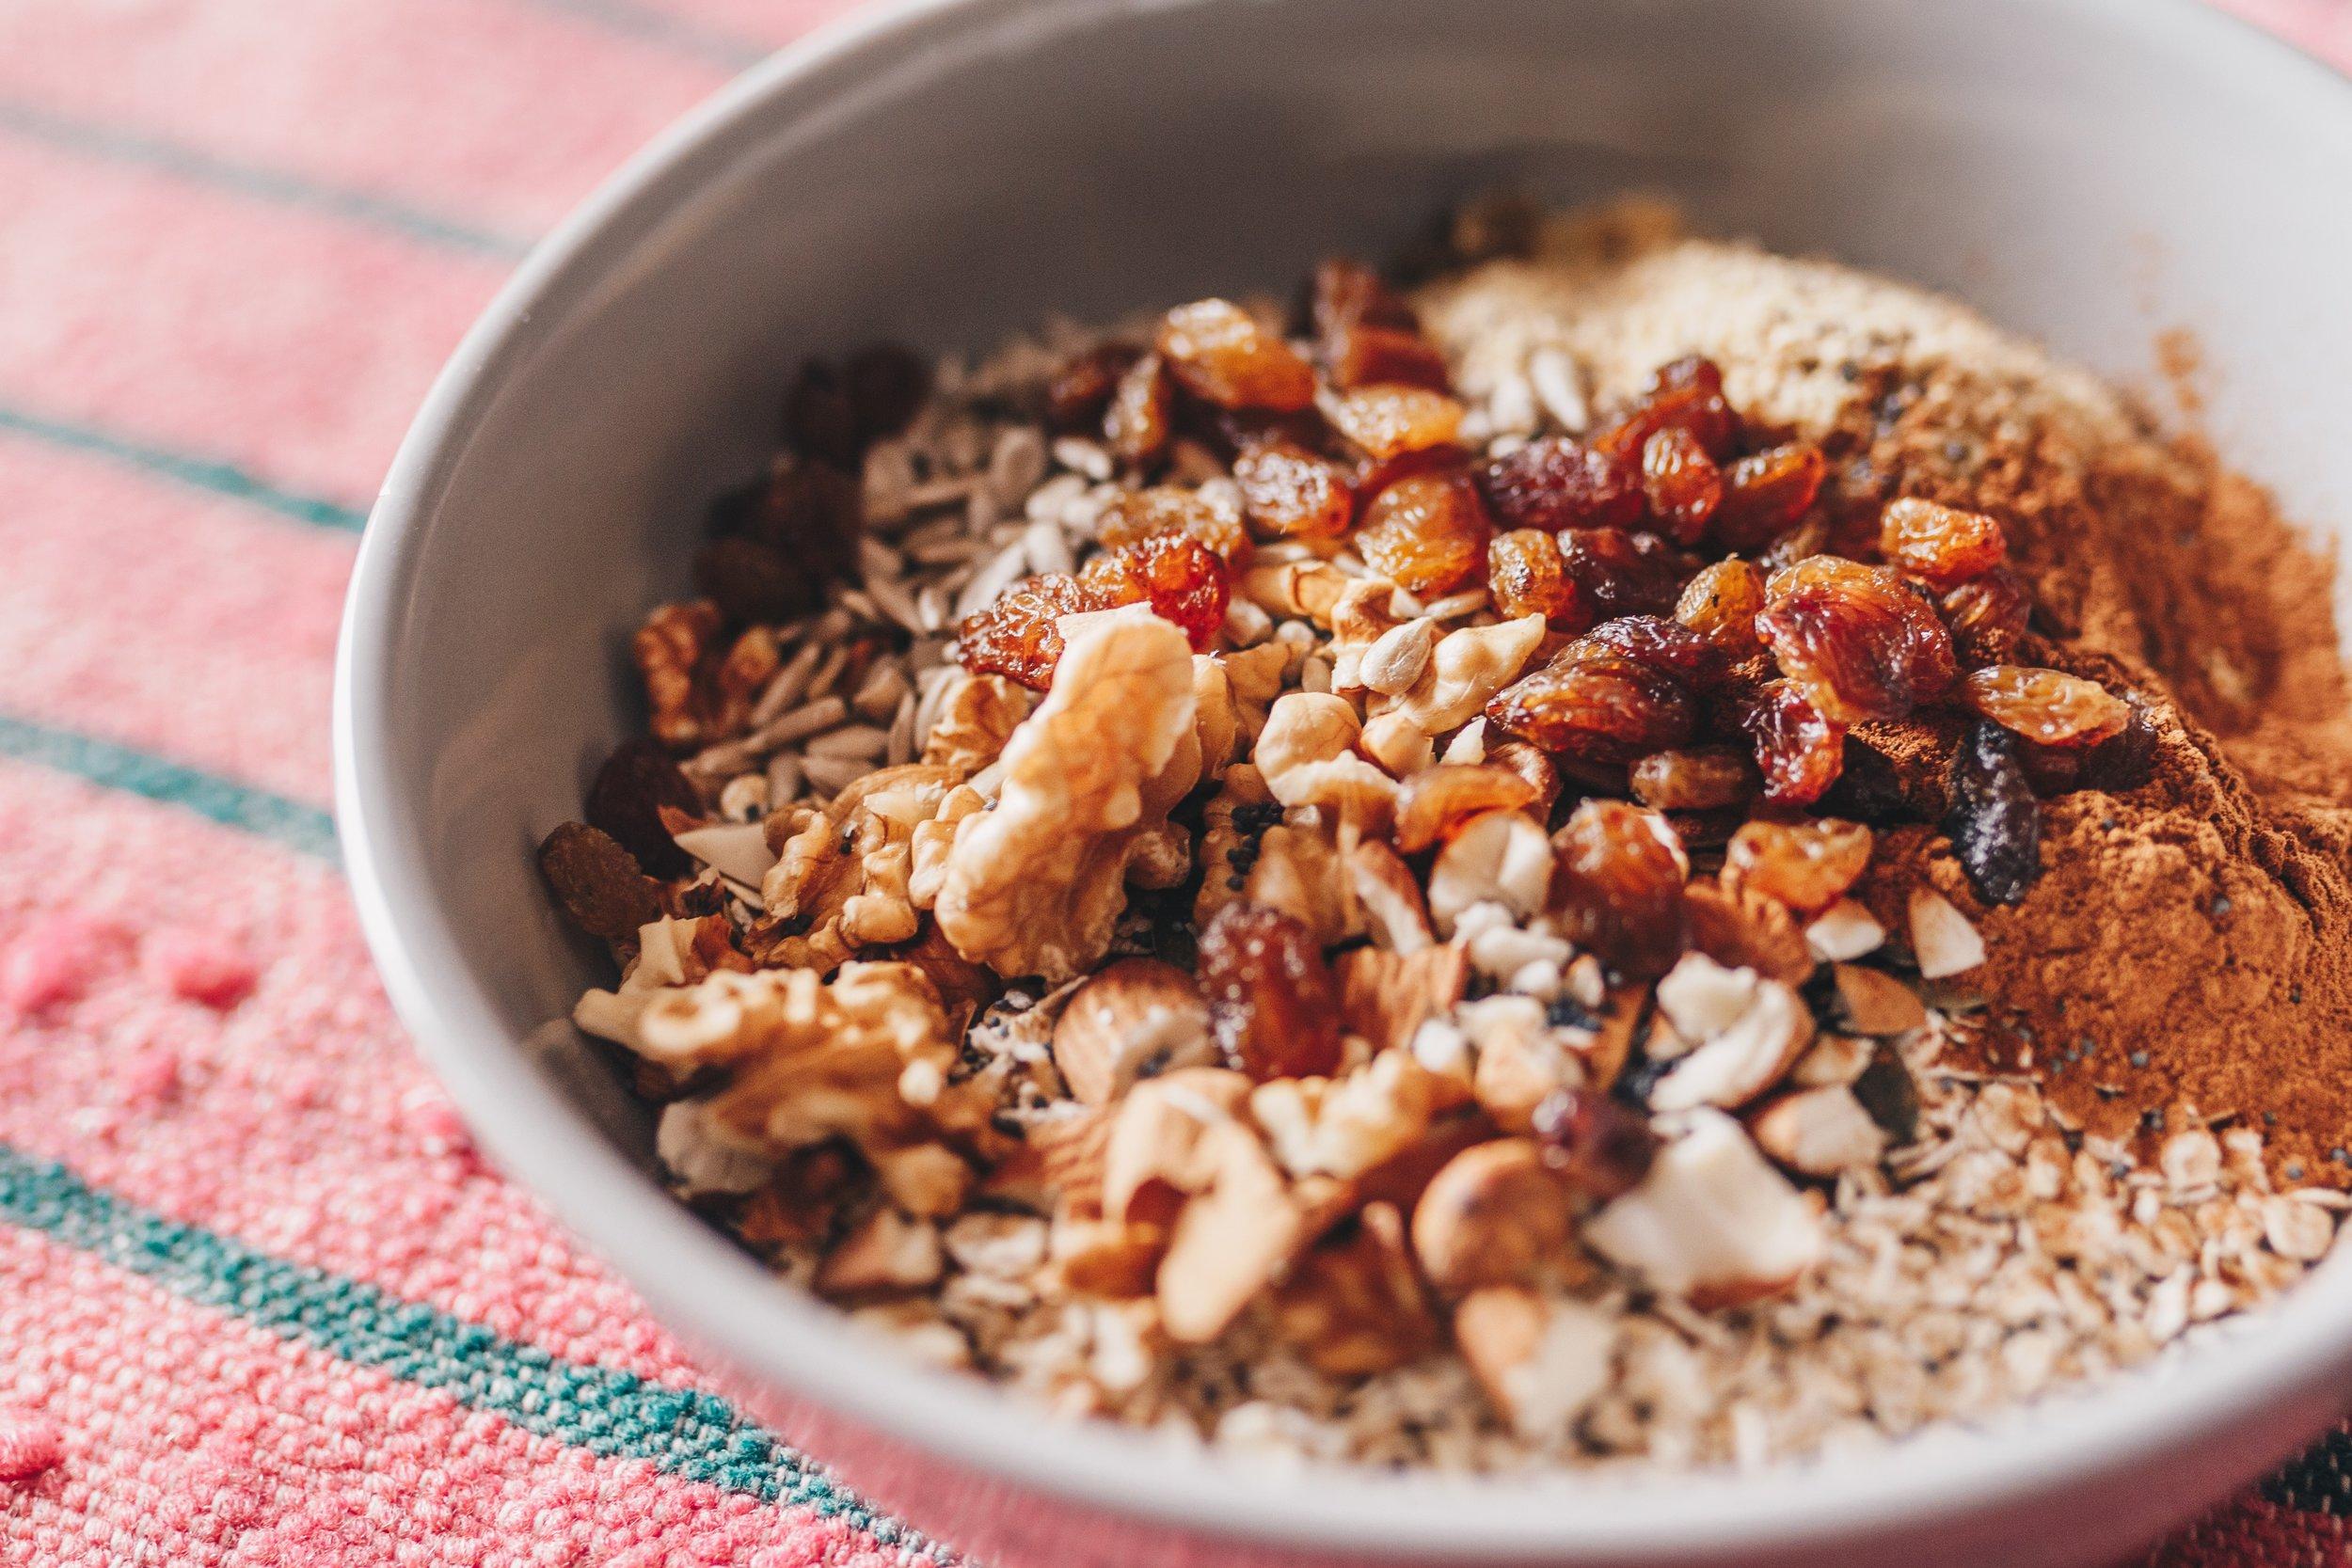 bowl-cinnamon-delicious-1080105.jpg